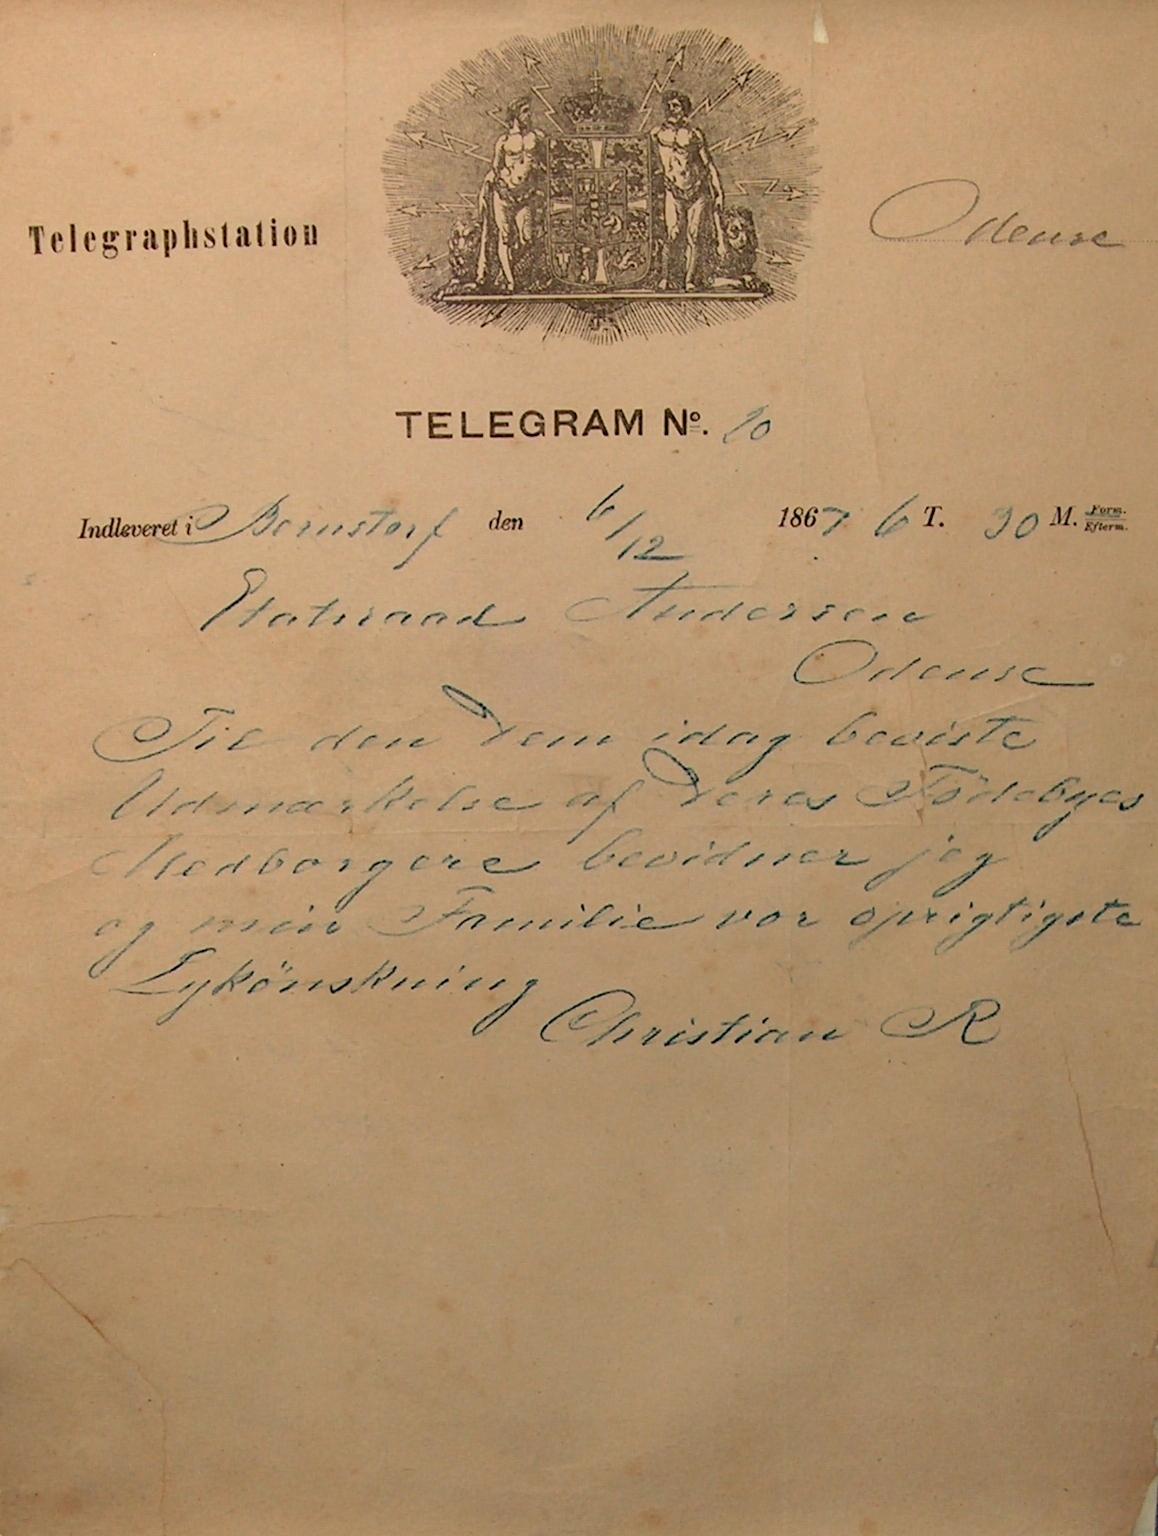 Telegraphstation Odense. Telegram Nr.10 indleveret i Bernstorf den 6-12 1867 6 T. 30 M. Form. Etatsraad Andersen Odense. Til den dem idag beviste Udmærkelse af Deres Fødebyes Medborgere bevidner jeg og min Familie vor oprigtigste Lykønskning Christian R